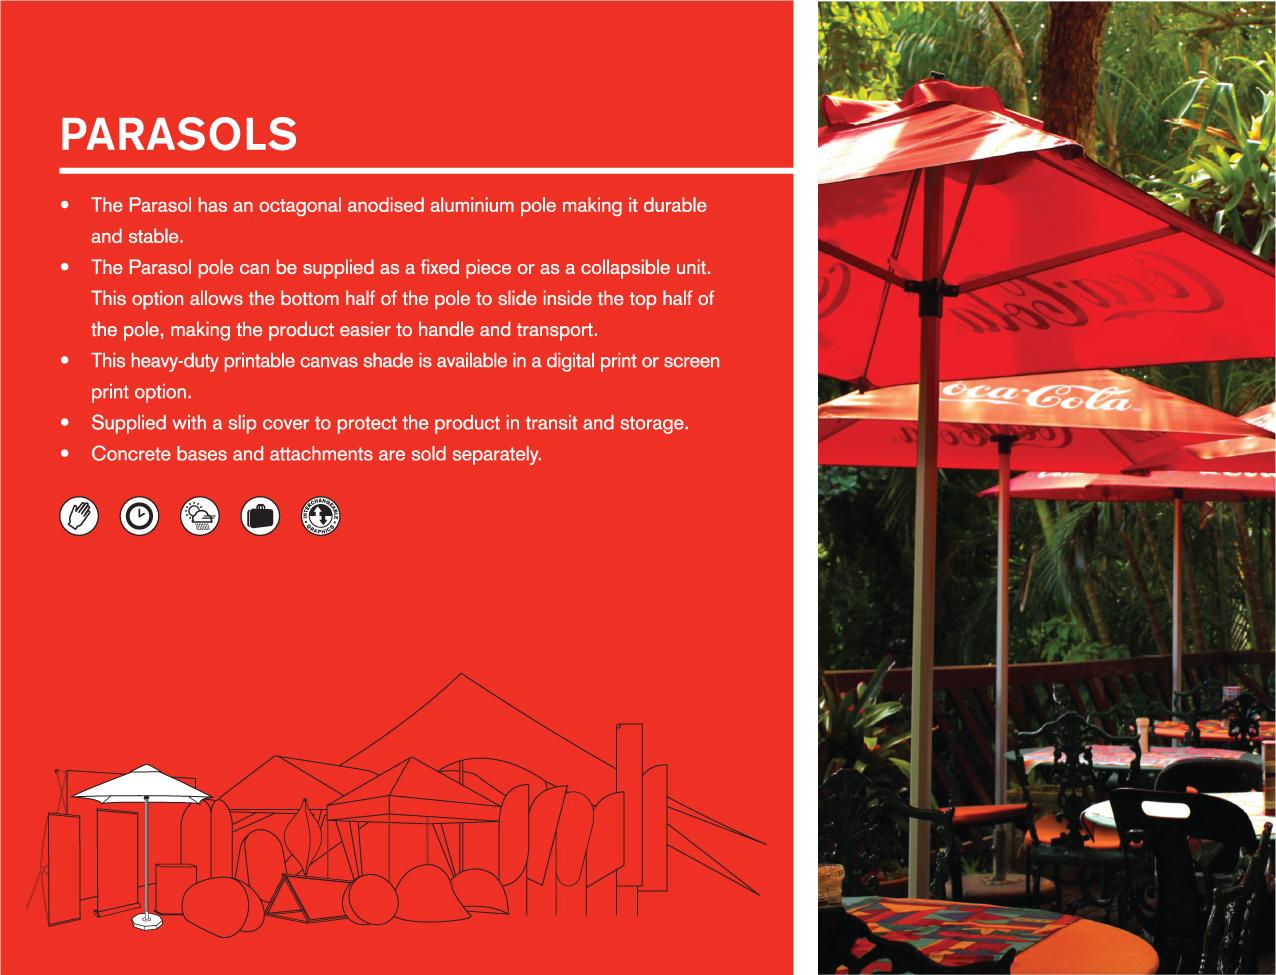 20121009122123_23-parasols